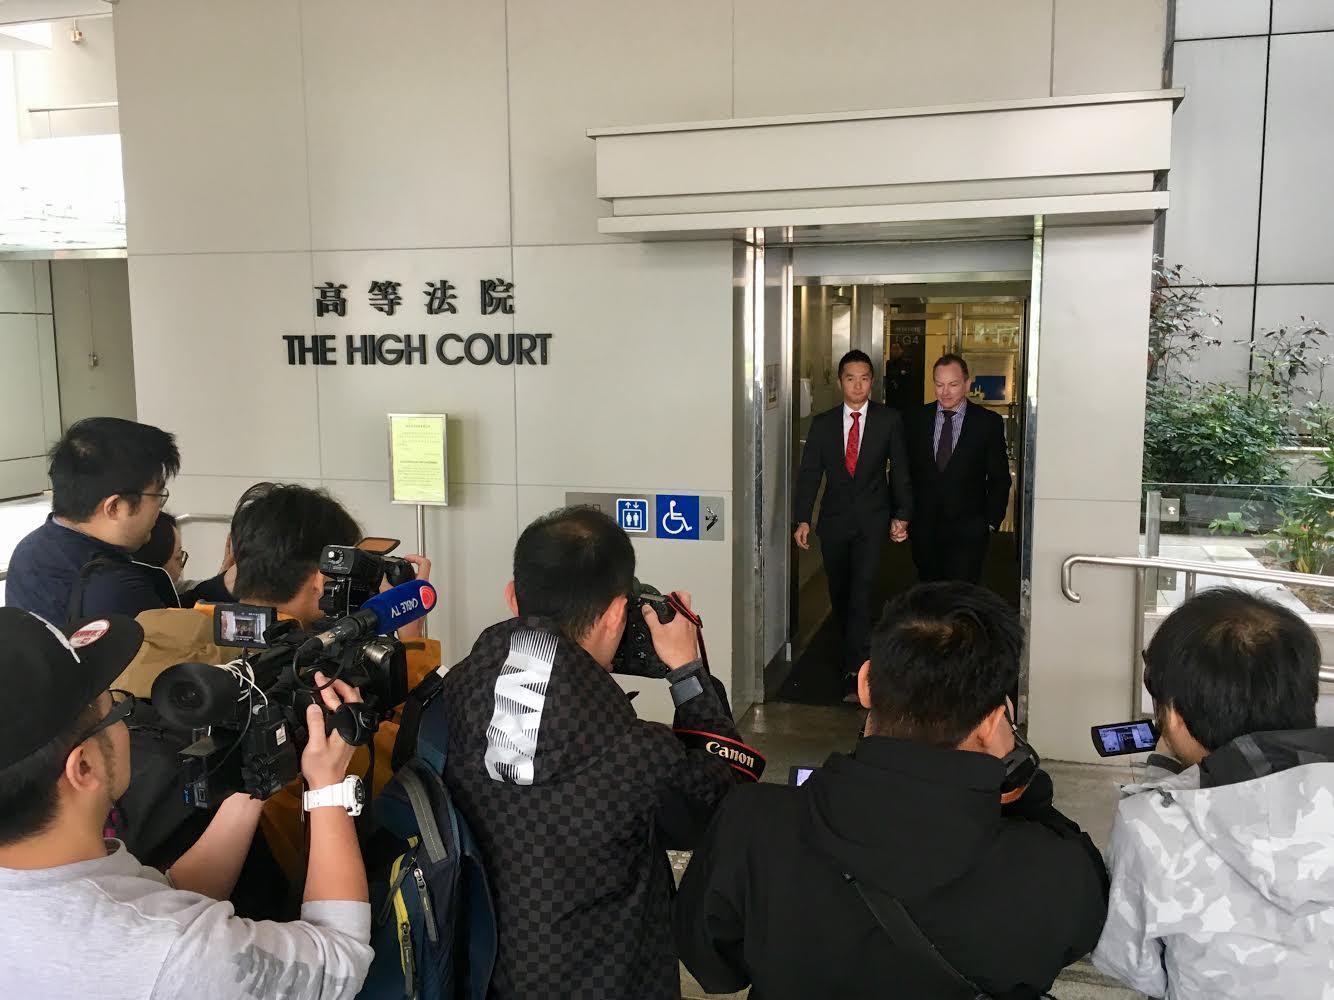 由原訴庭到上訴庭,歷時兩年,梁鎮罡與史葛時不時都會感到沮喪,還好有對方互相支持。